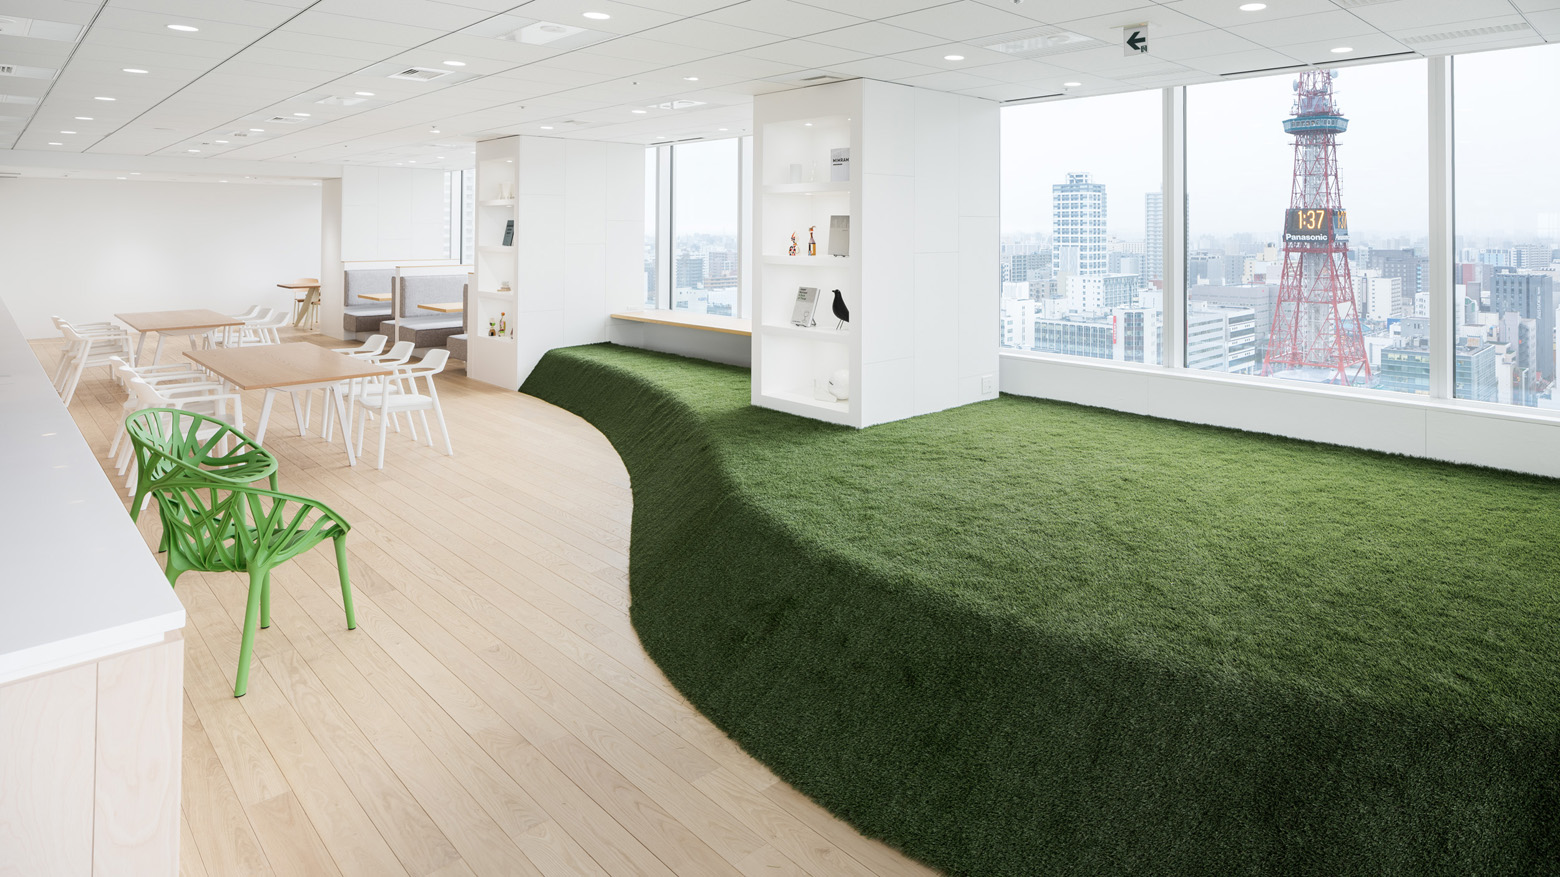 ダイアモンドヘッド株式会社 Sapporo Office床・フロア